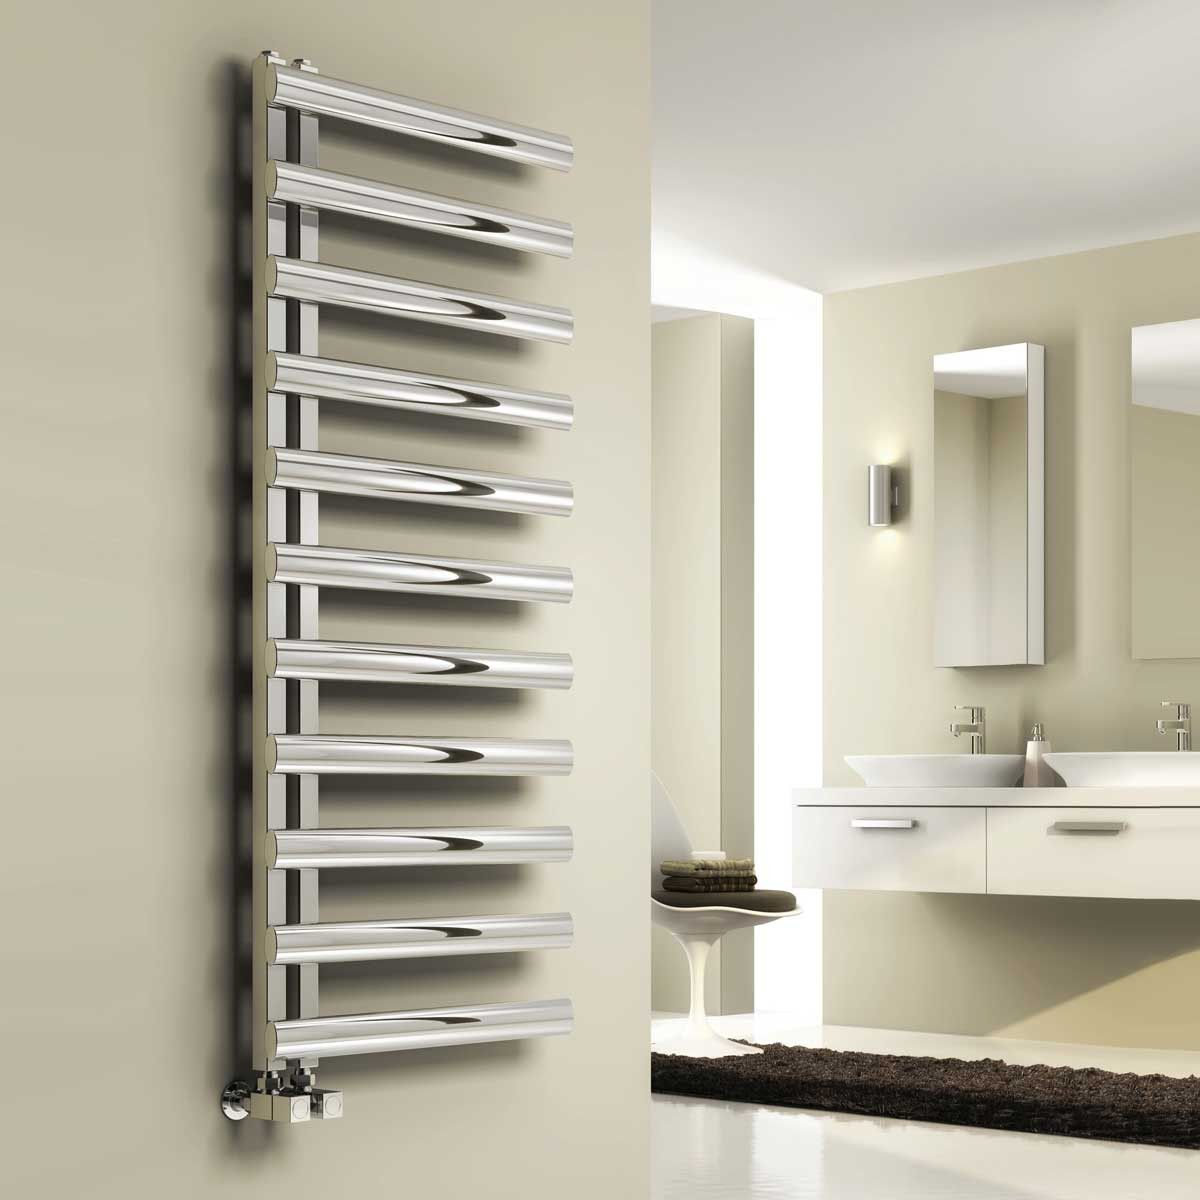 Reina Cavo Stainless Steel Towel Radiator